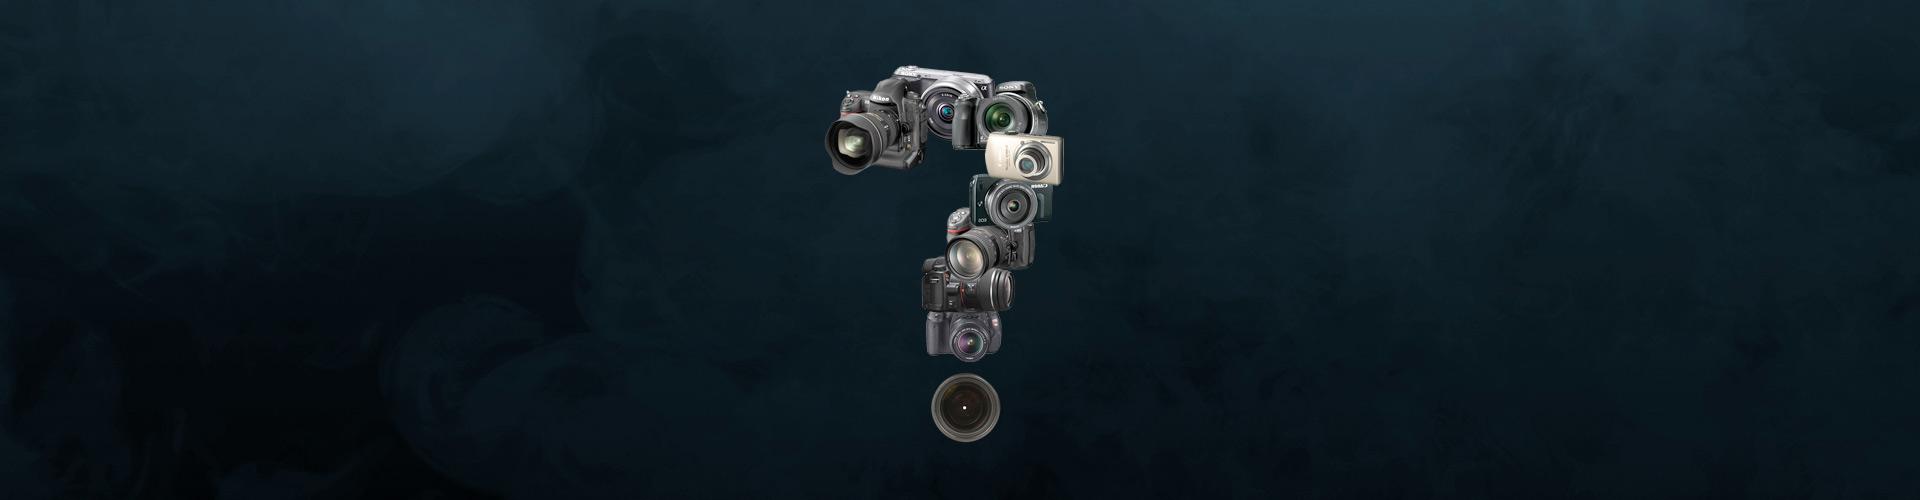 qual-camera-comprar-qual-lente-comprar-curso-de-fotografia-canal-da-foto